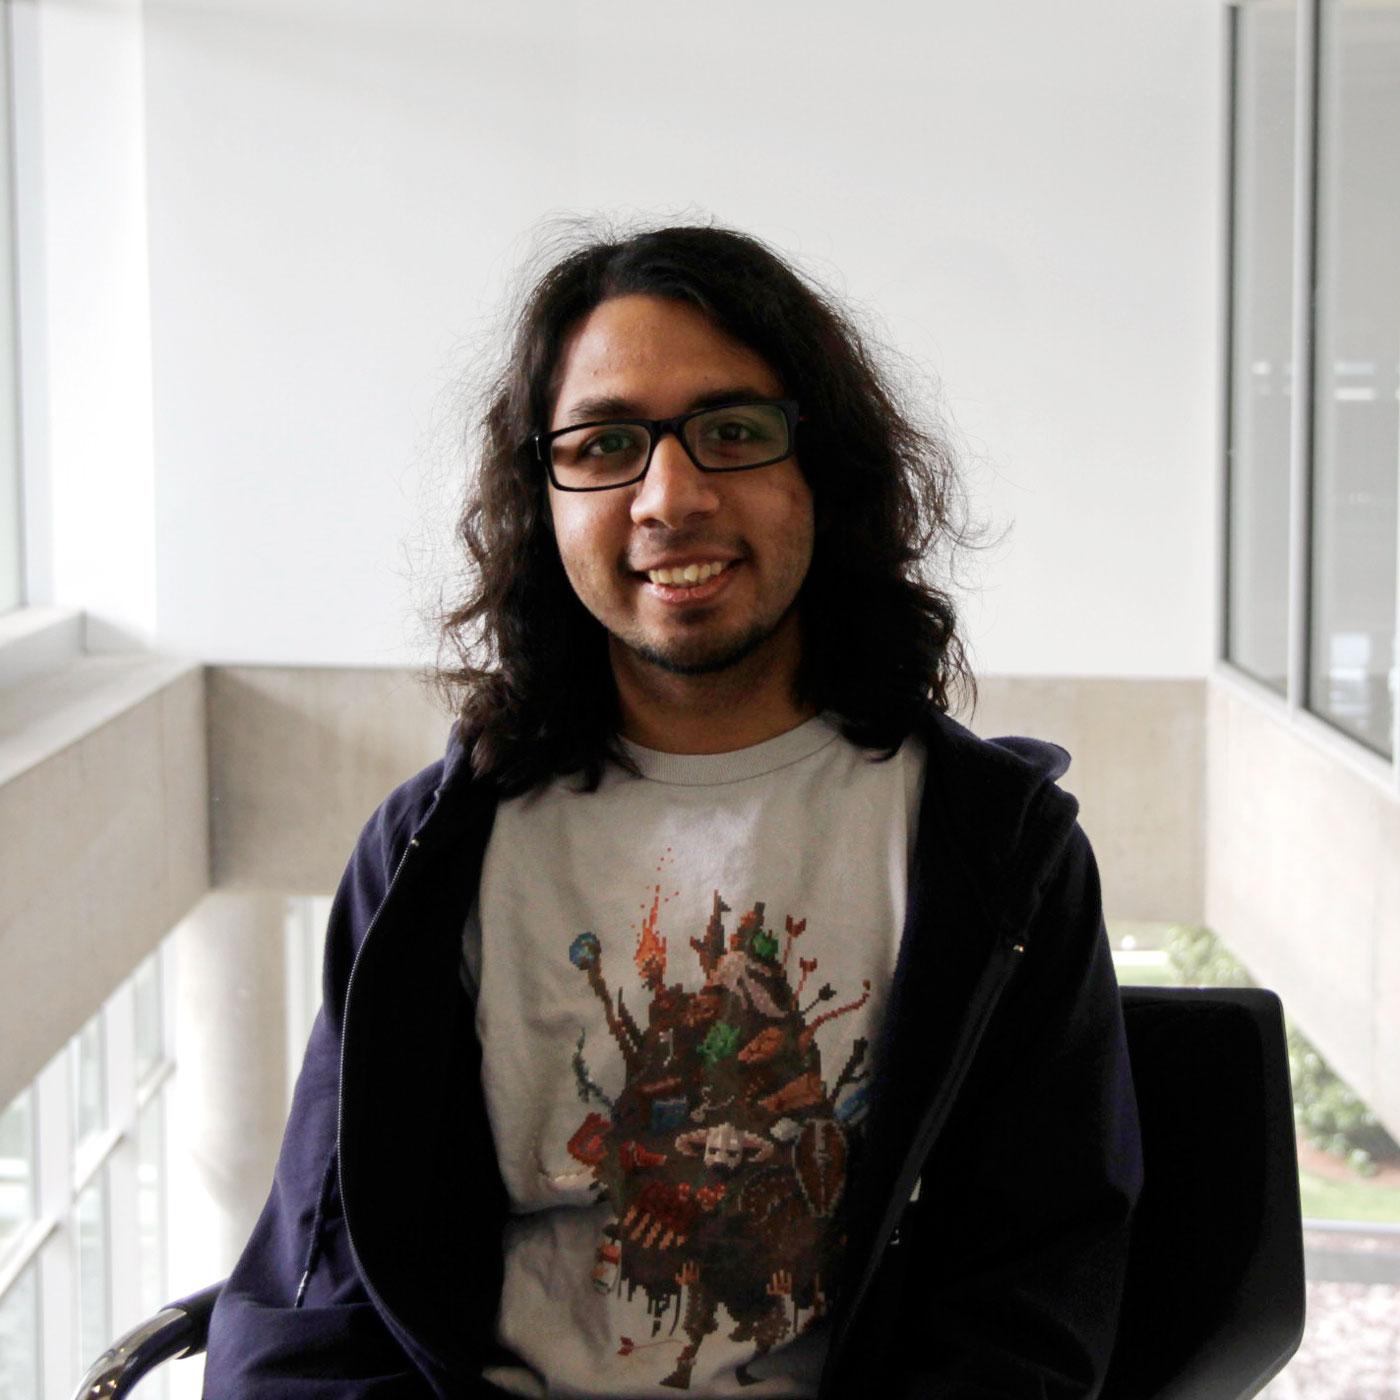 Anvit Srivastav